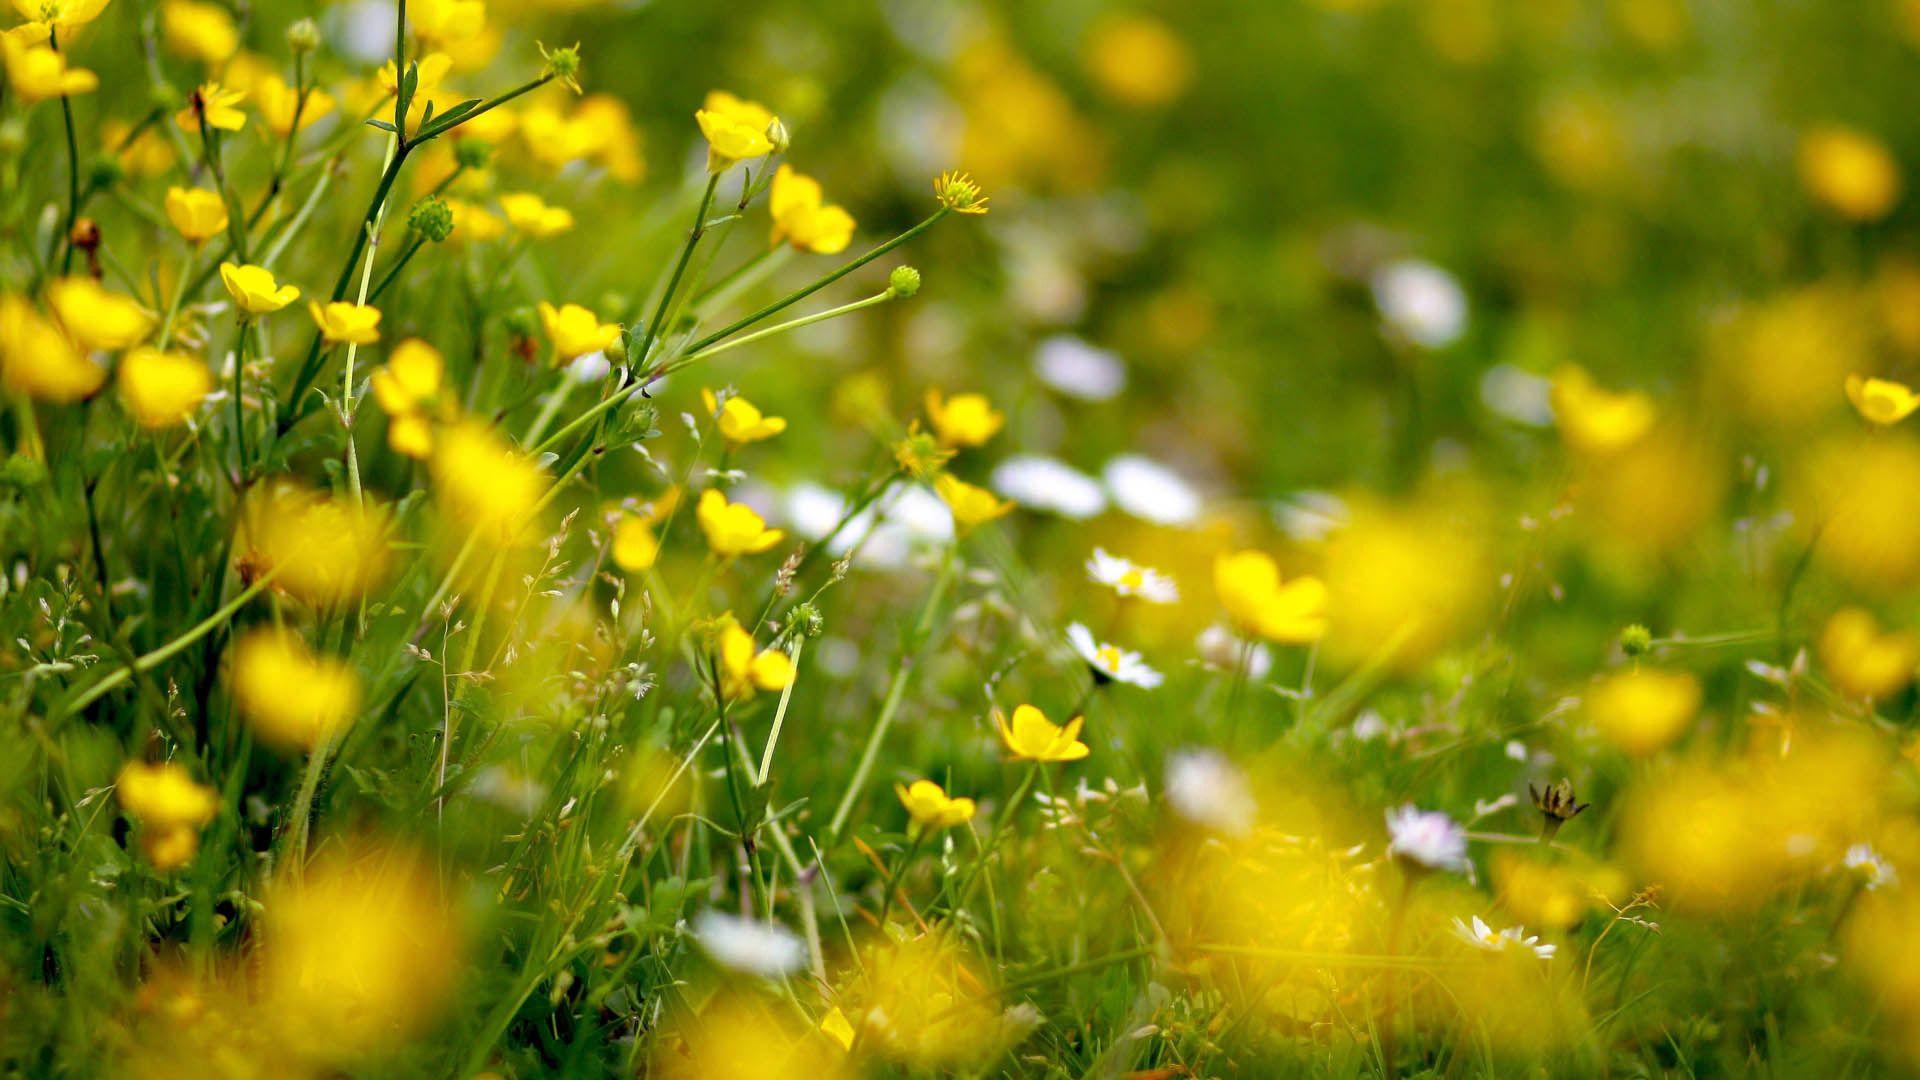 154125 fond d'écran 1080x2400 sur votre téléphone gratuitement, téléchargez des images Fleurs, Herbe, Macro, Floraison, Domaine, Champ 1080x2400 sur votre mobile